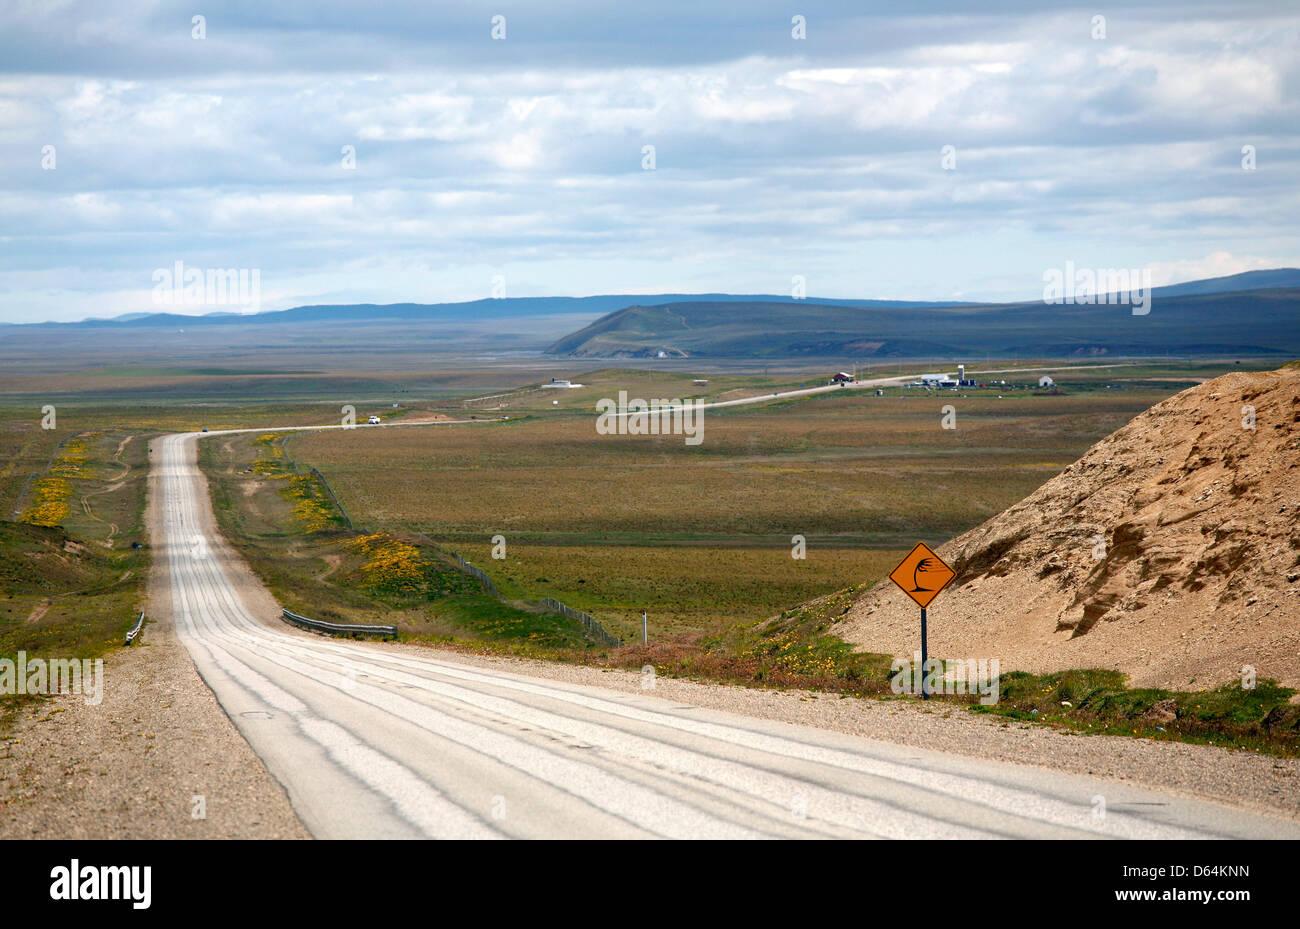 Datei - datiert eine Archiv Bild 1. Dezember 2008 zeigt die Autobahn 3 von Ushuaia nach Rio Grande, Argentinien. Stockfoto